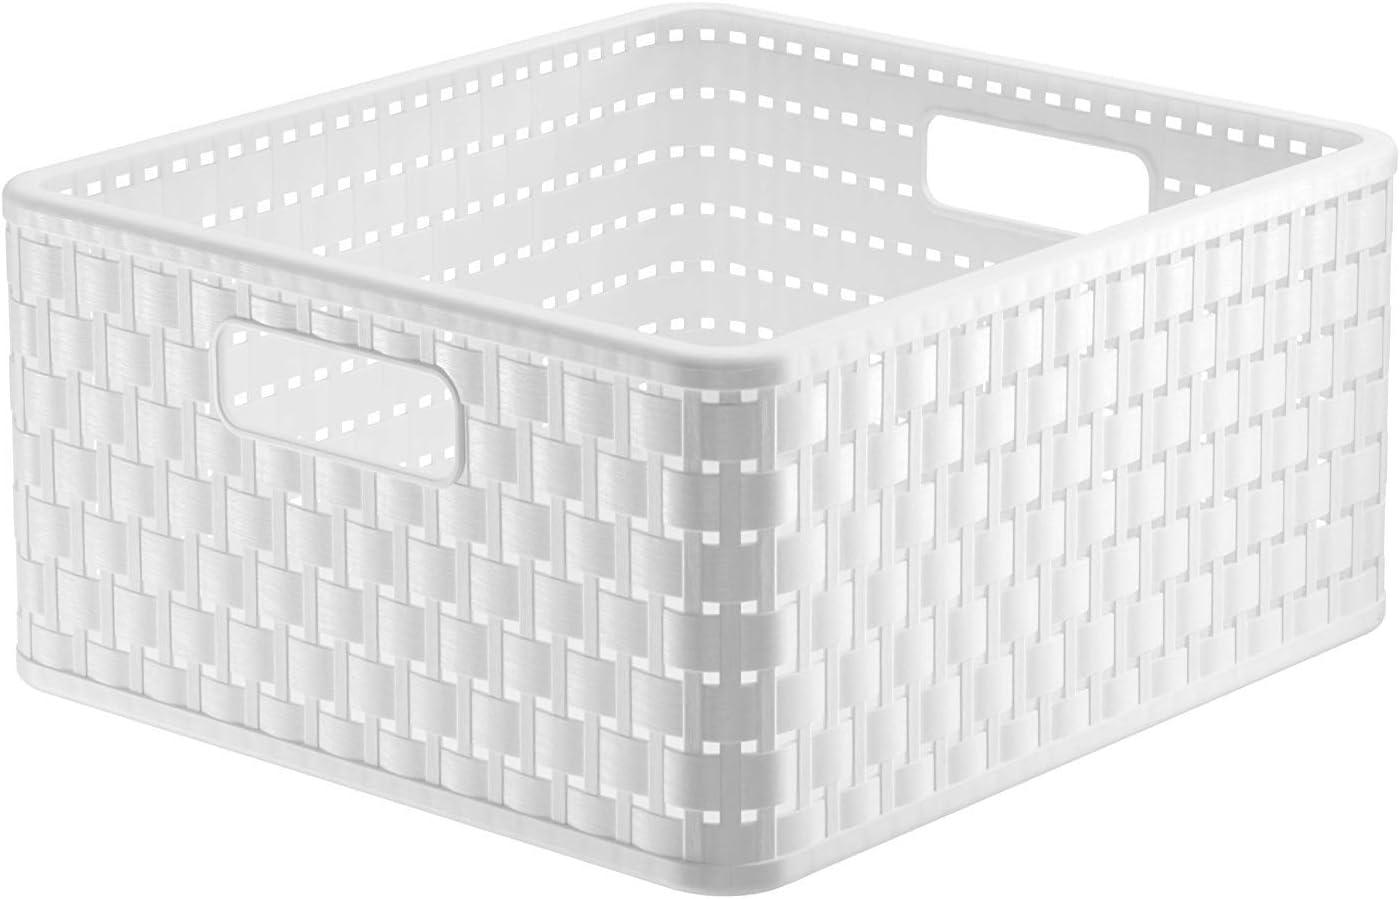 Rotho Country - Caja de almacenaje con efecto de mimbre, Blanco, A4: Amazon.es: Hogar